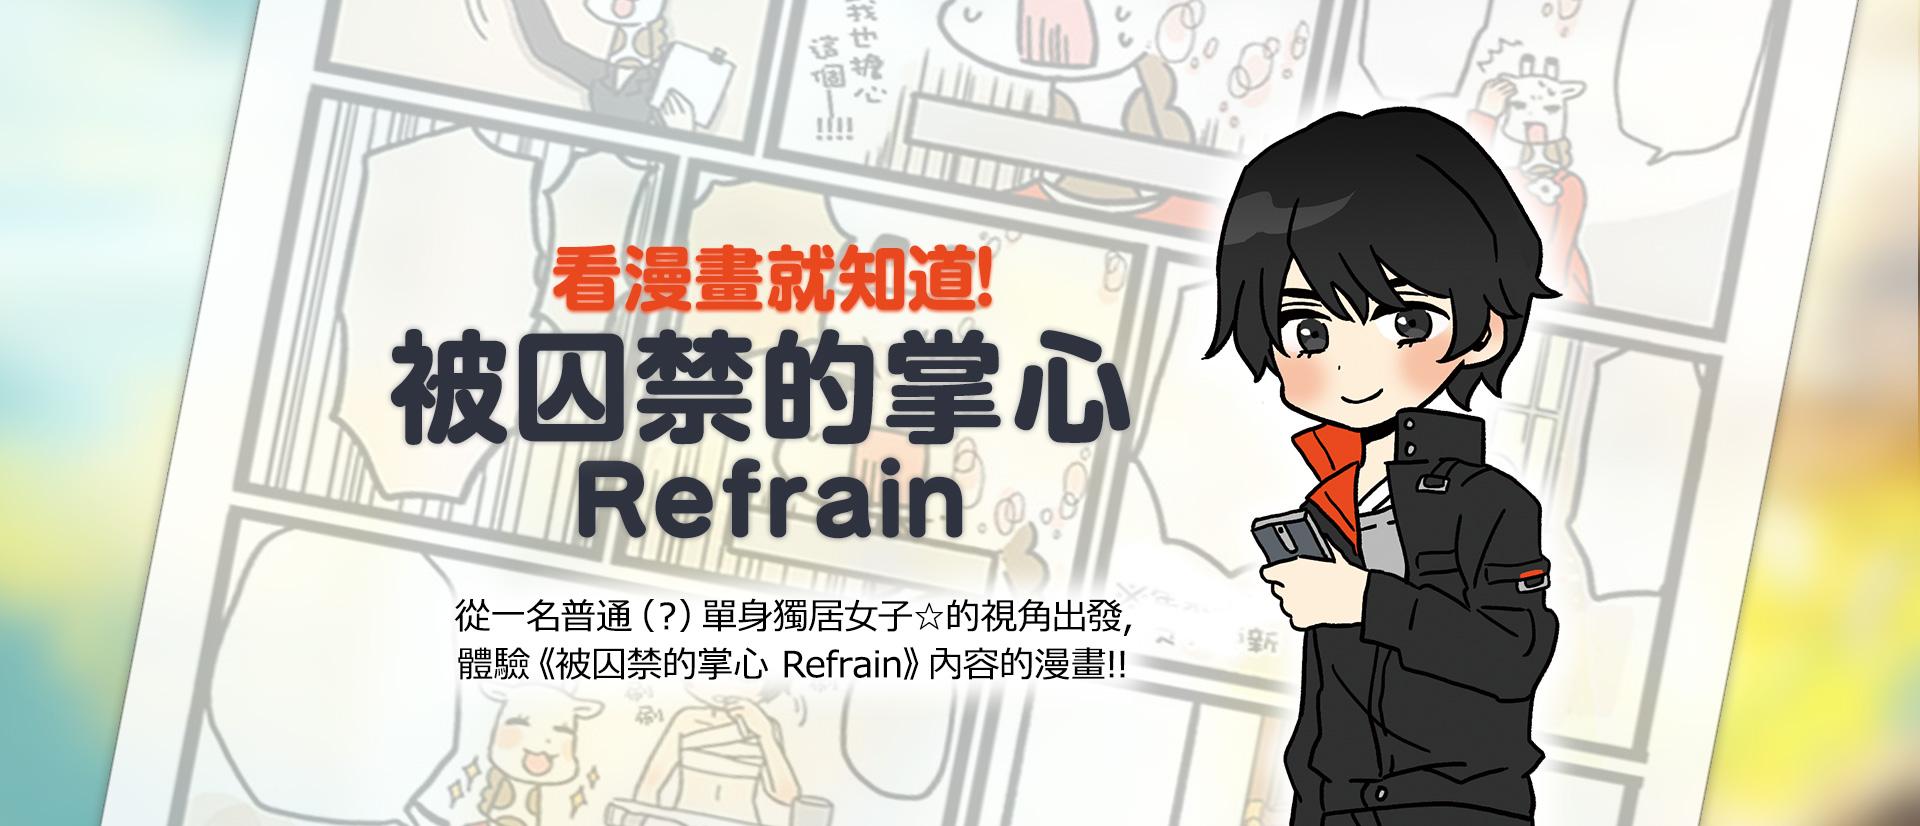 被囚禁的掌心 Refrain 隔著玻璃的體感型戀愛遊戲最新力作